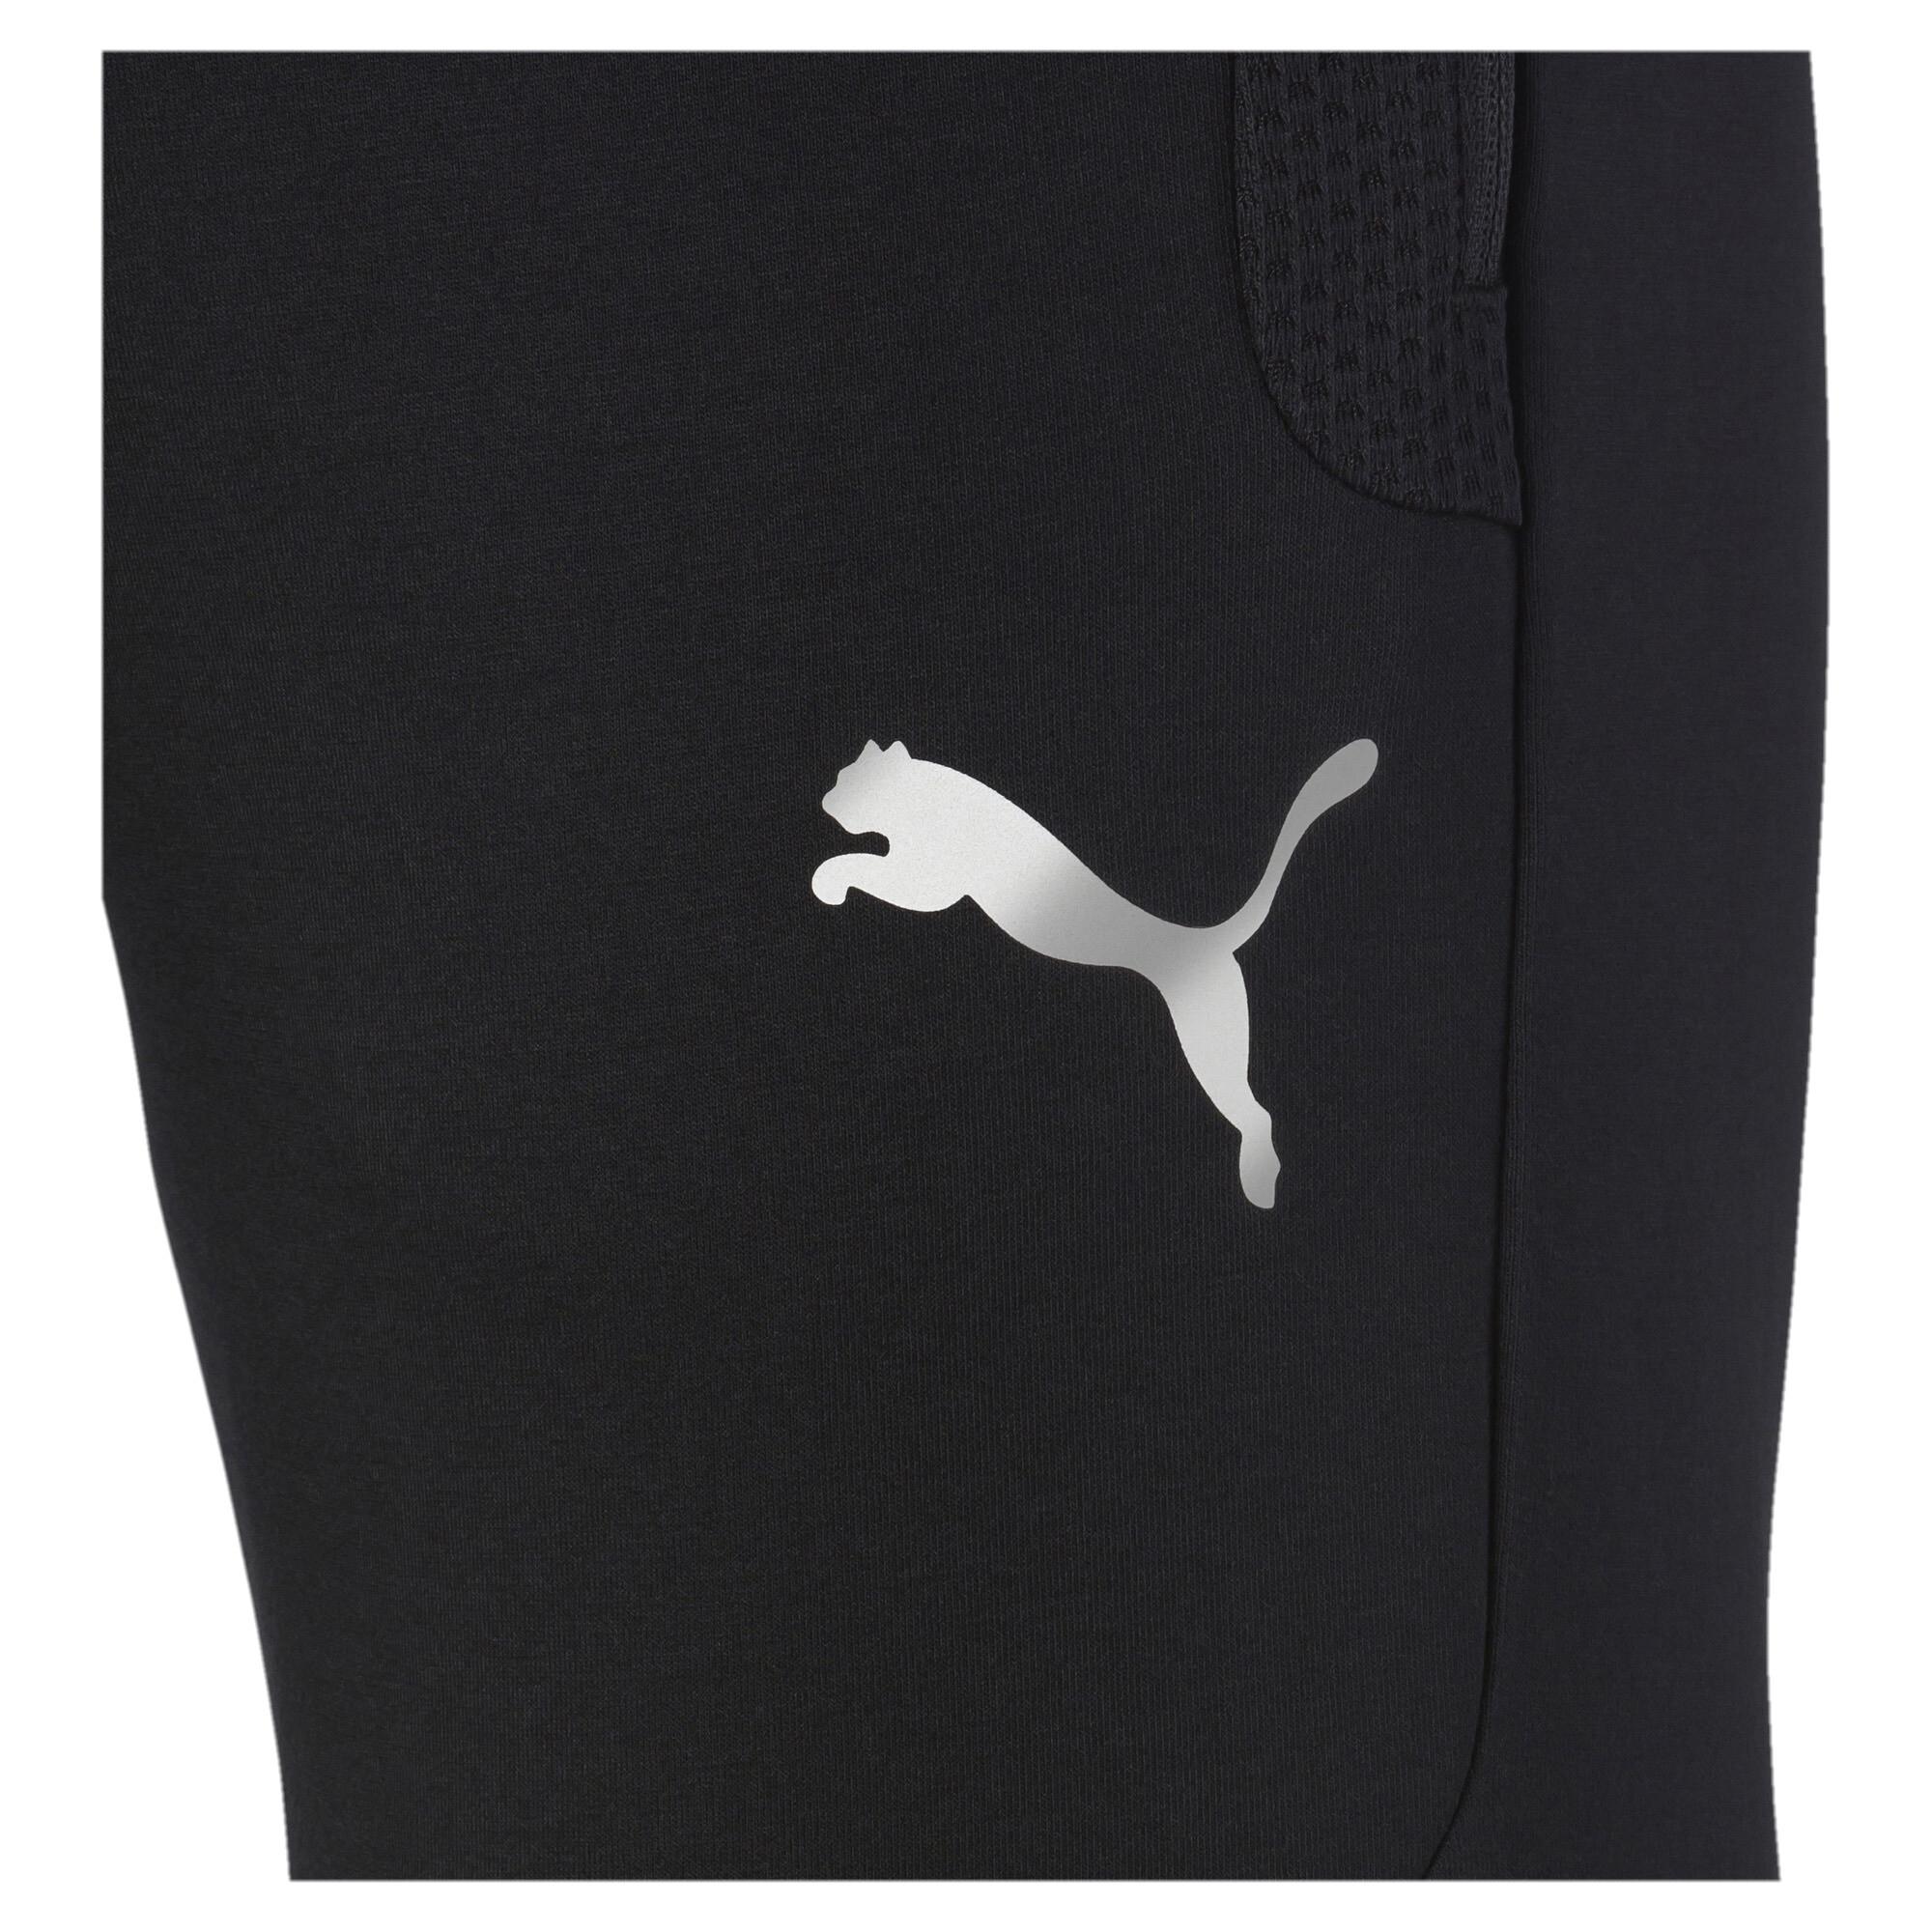 PUMA-Evostripe-Men-039-s-Sweatpants-Men-Knitted-Pants-Basics thumbnail 7